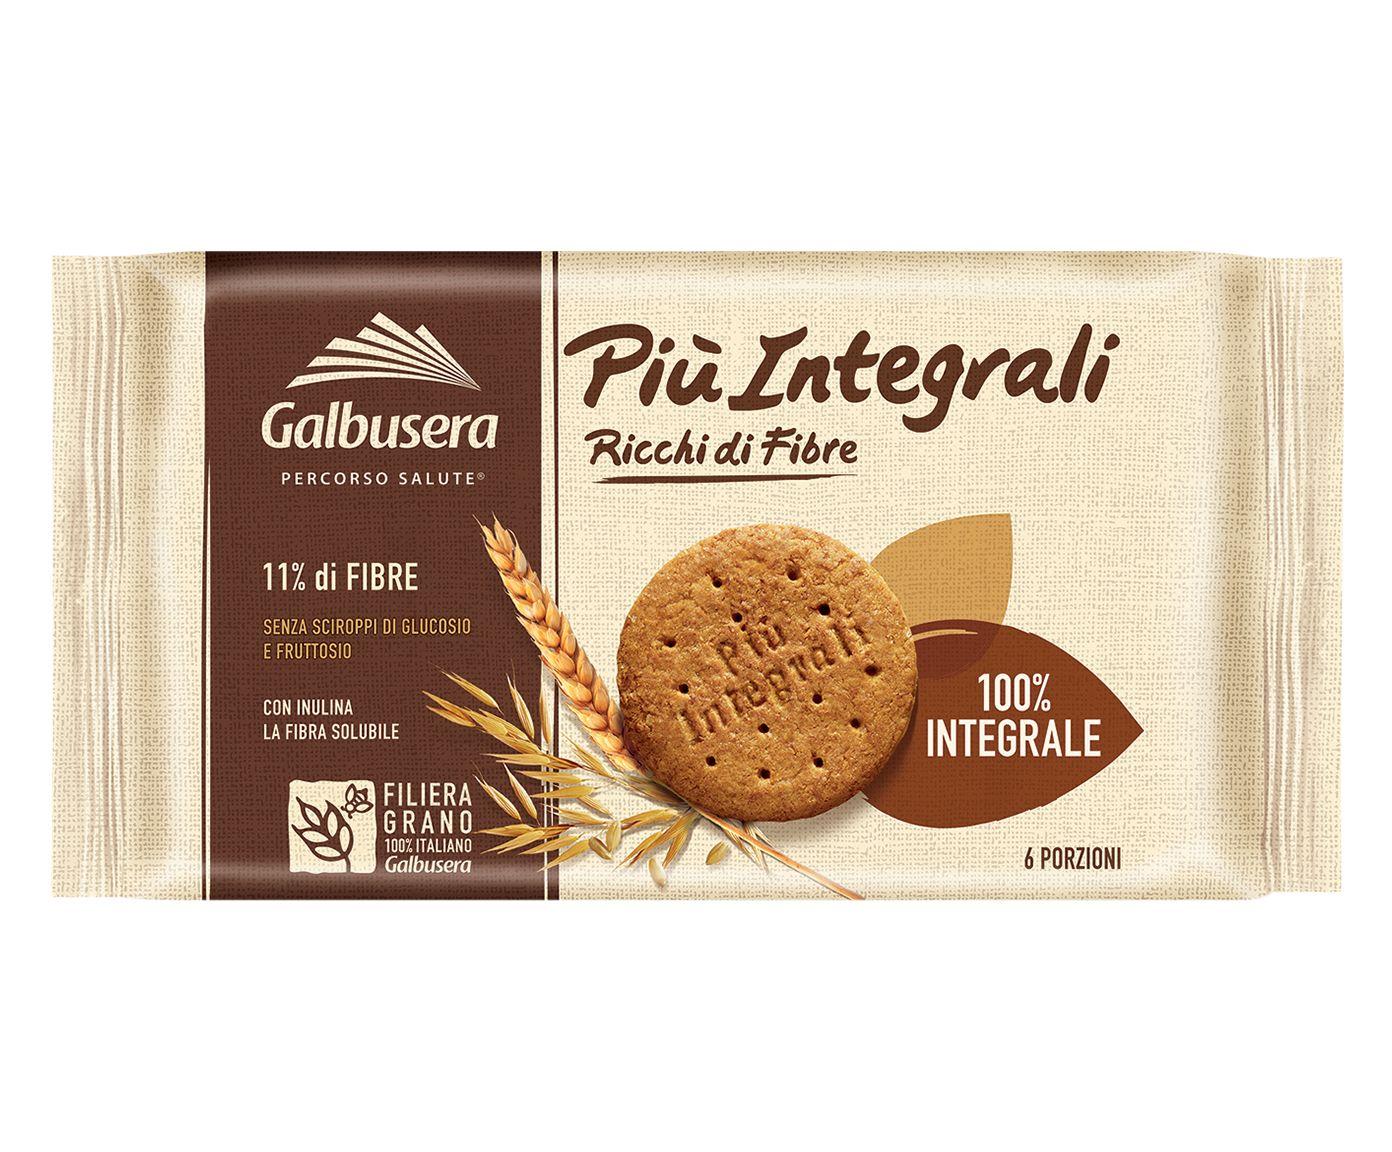 Biscoito com Farinha Integral e Fibra Solúvel Piu Integrale - 330G | Westwing.com.br